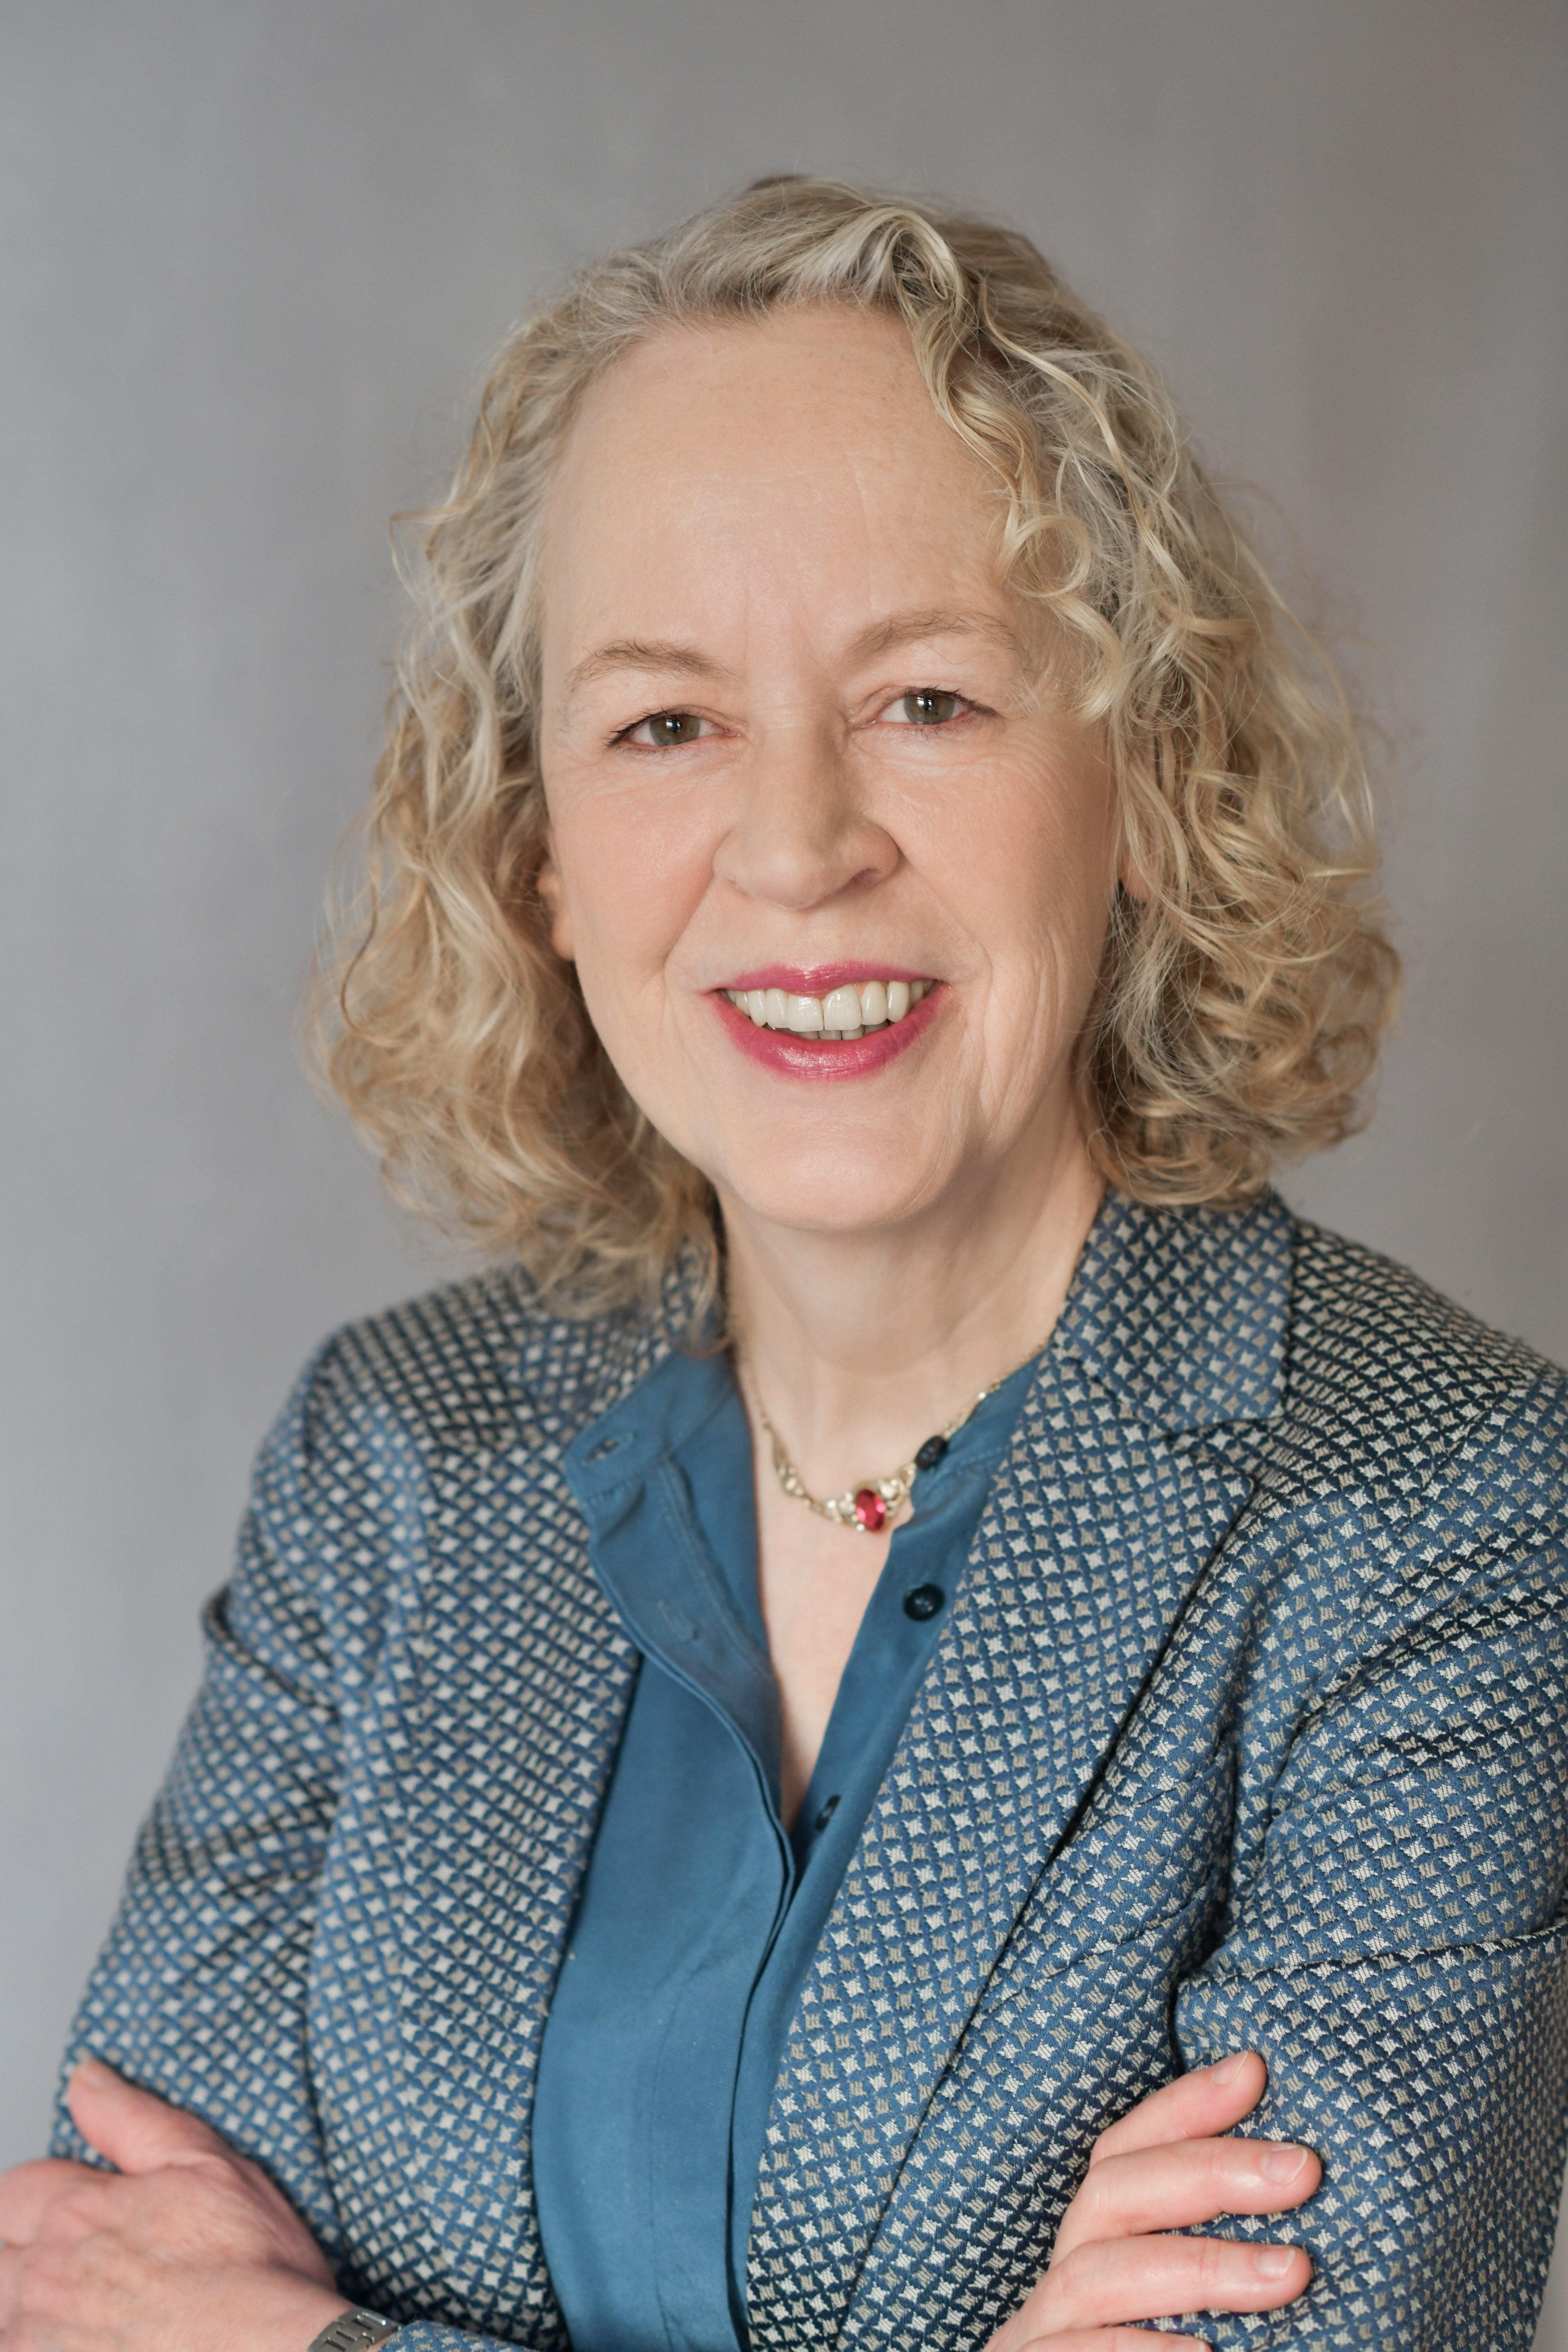 Univ.-Prof. Dr. Elisabeth Oy-Marra | FB 07 - IKM Abteilung ...